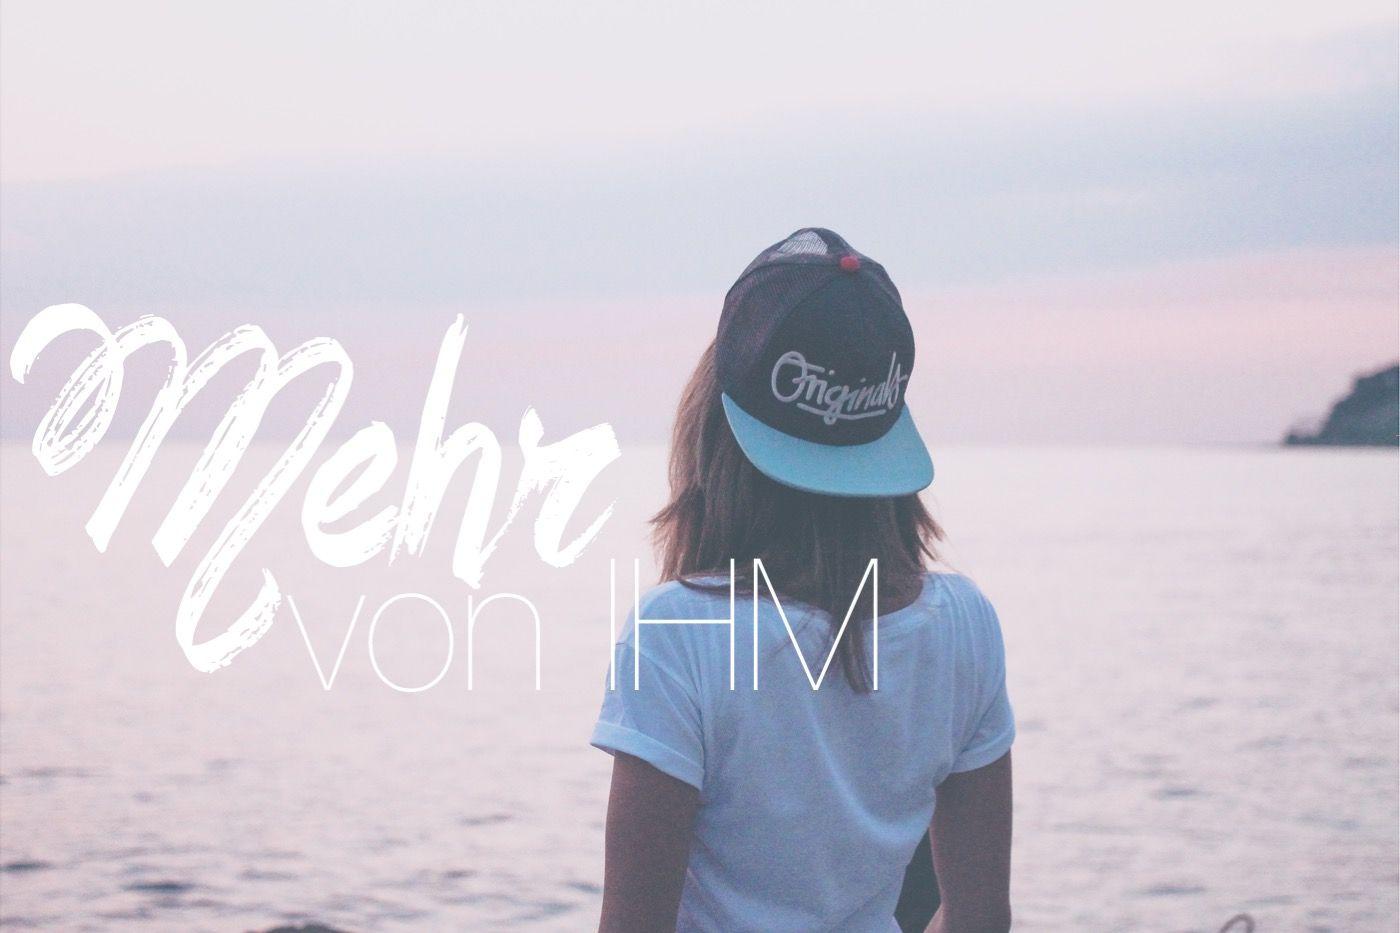 Mehr von IHM - Konny erzählt euch in ihrem neuen Blogeintrag wieder etwas vom Meer. Dabei geht es dieses Mal um die Sehnsucht nach mehr und um den, der uns über unsere Erwartungen hinaus erfüllen möchte. Neugierig?! Klick dich rein! #herzensfreundinnen